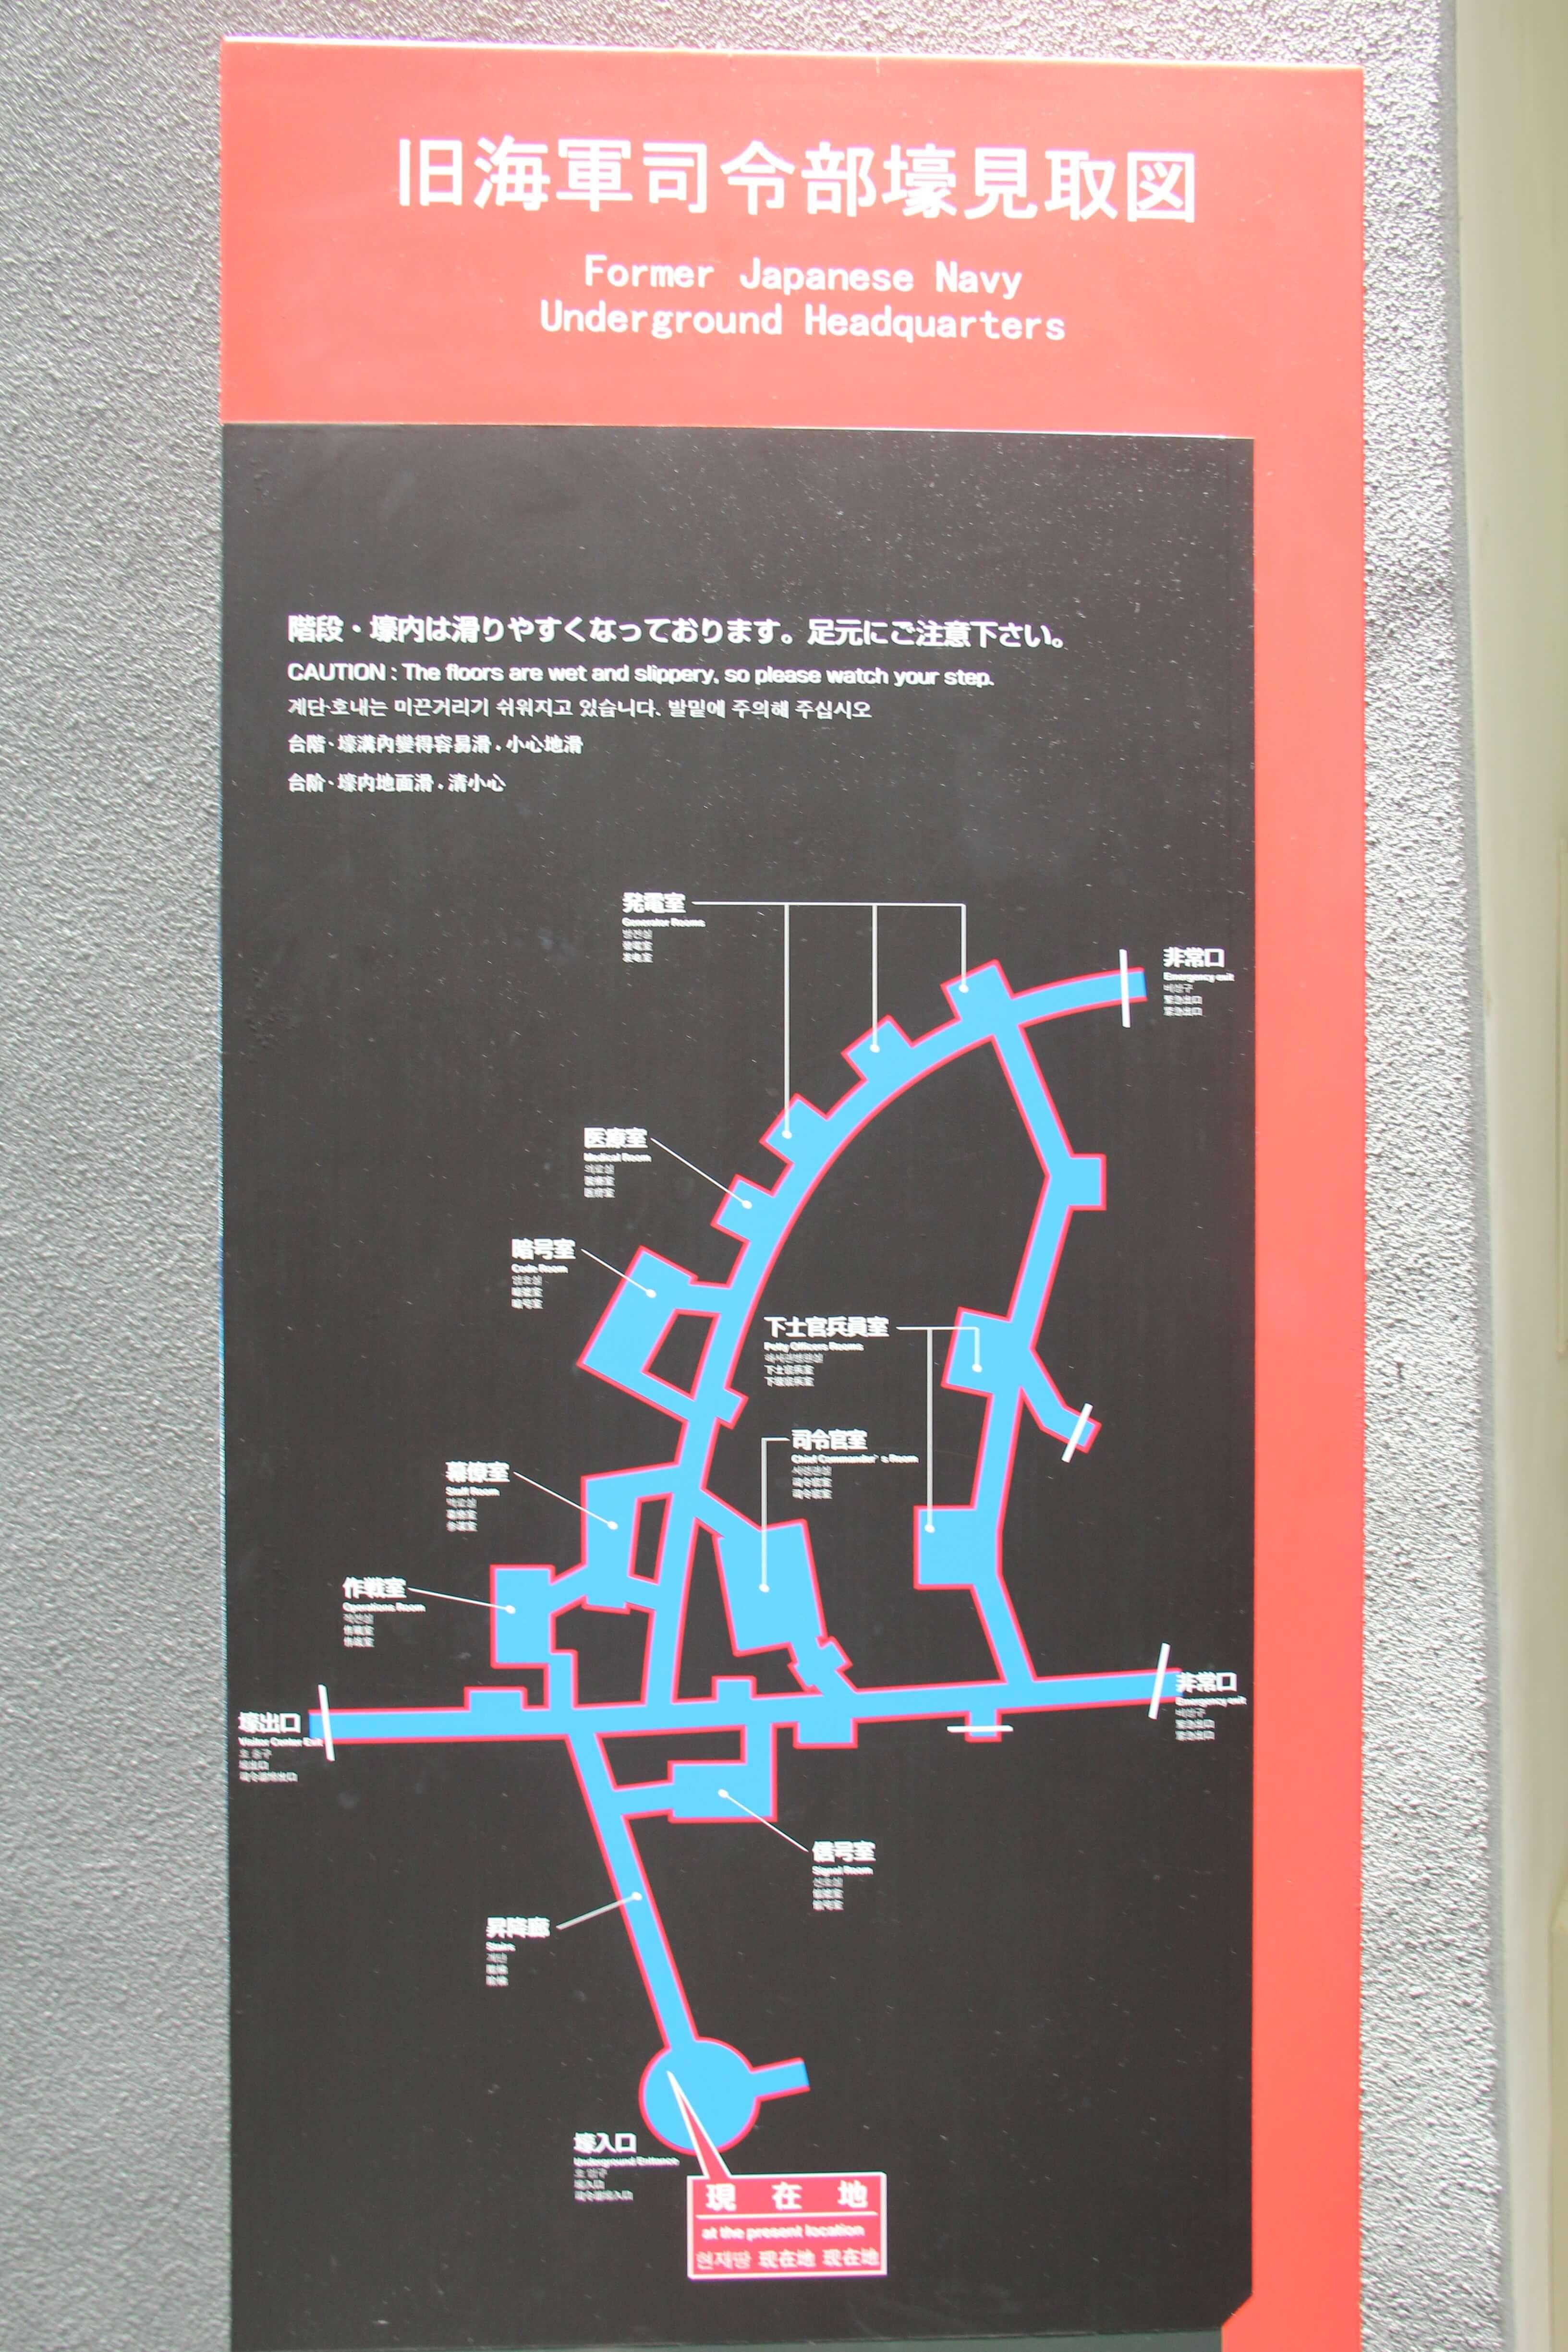 旧海軍司令部壕 壕内構造